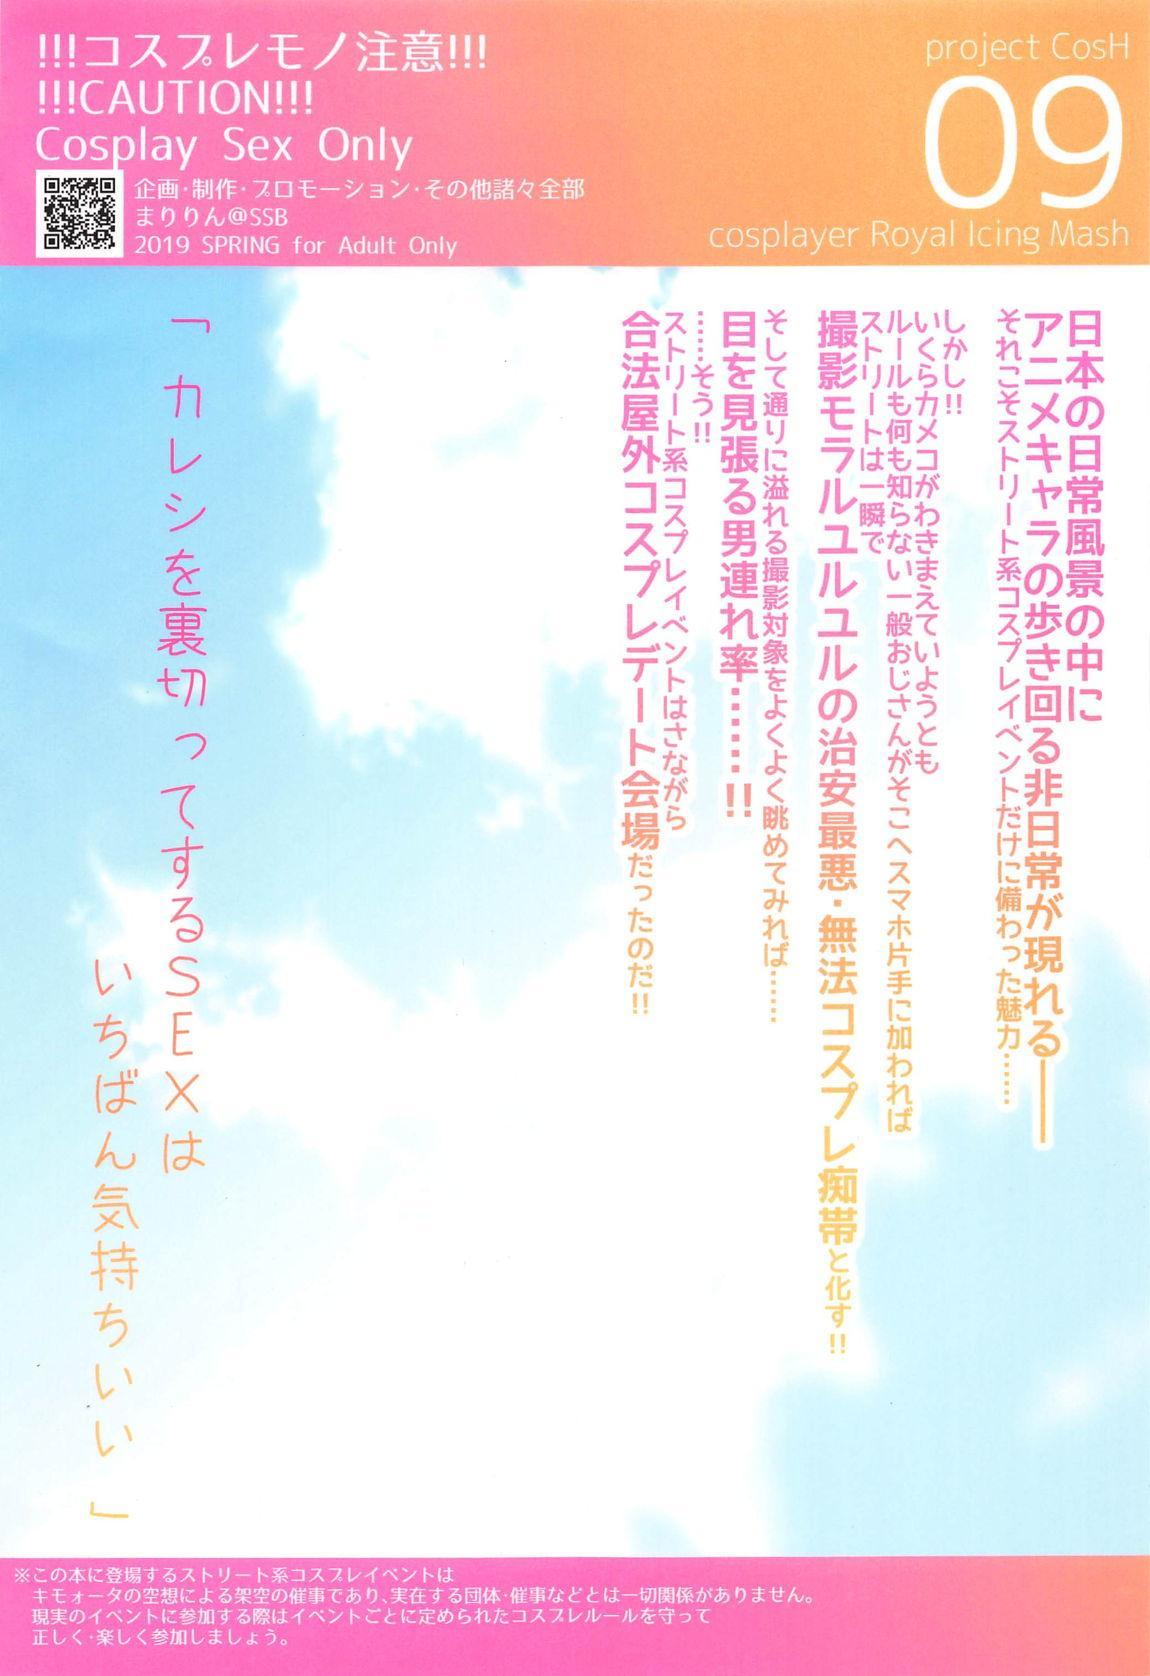 Purupuru Yurasu H-Cup Namachichi Hobo Marudashi Layer Icha Love Rojou CosEve Date 21